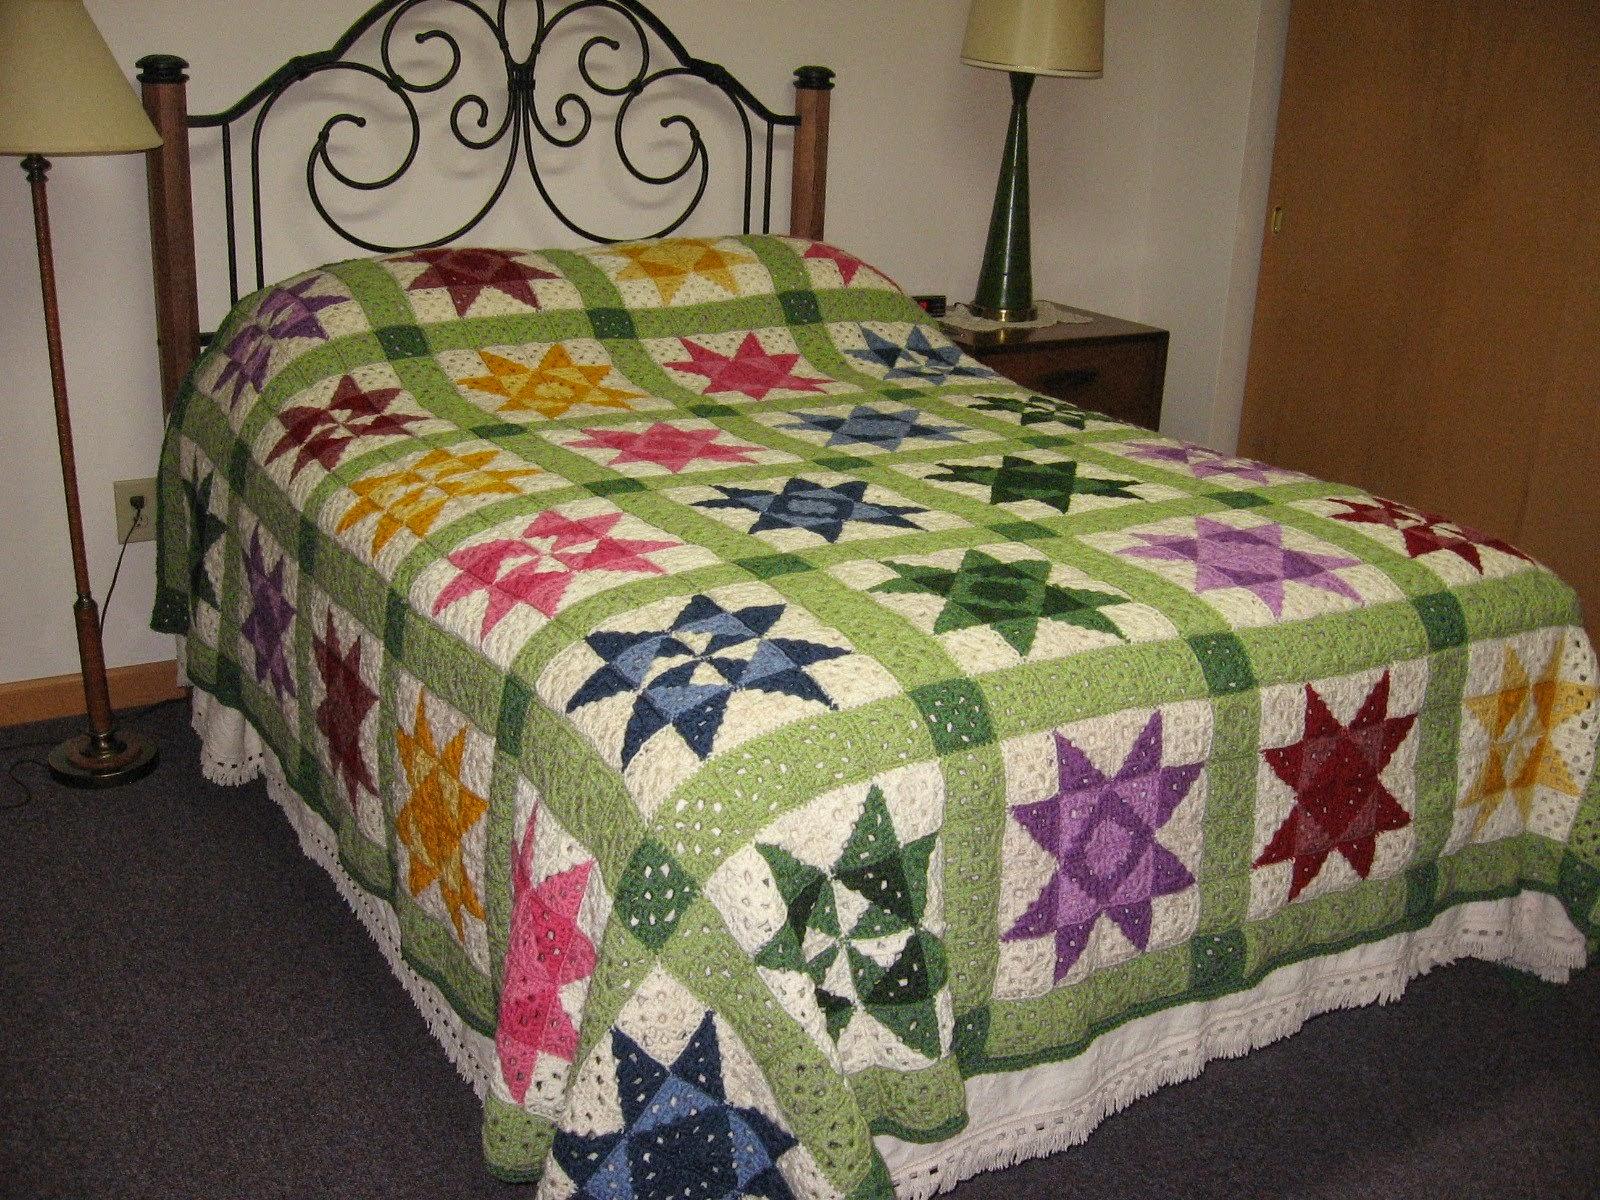 Crochet Patterns That Look Like Quilts : Guarda un po una semplice mattonella base ad uncinetto cosa ti ...